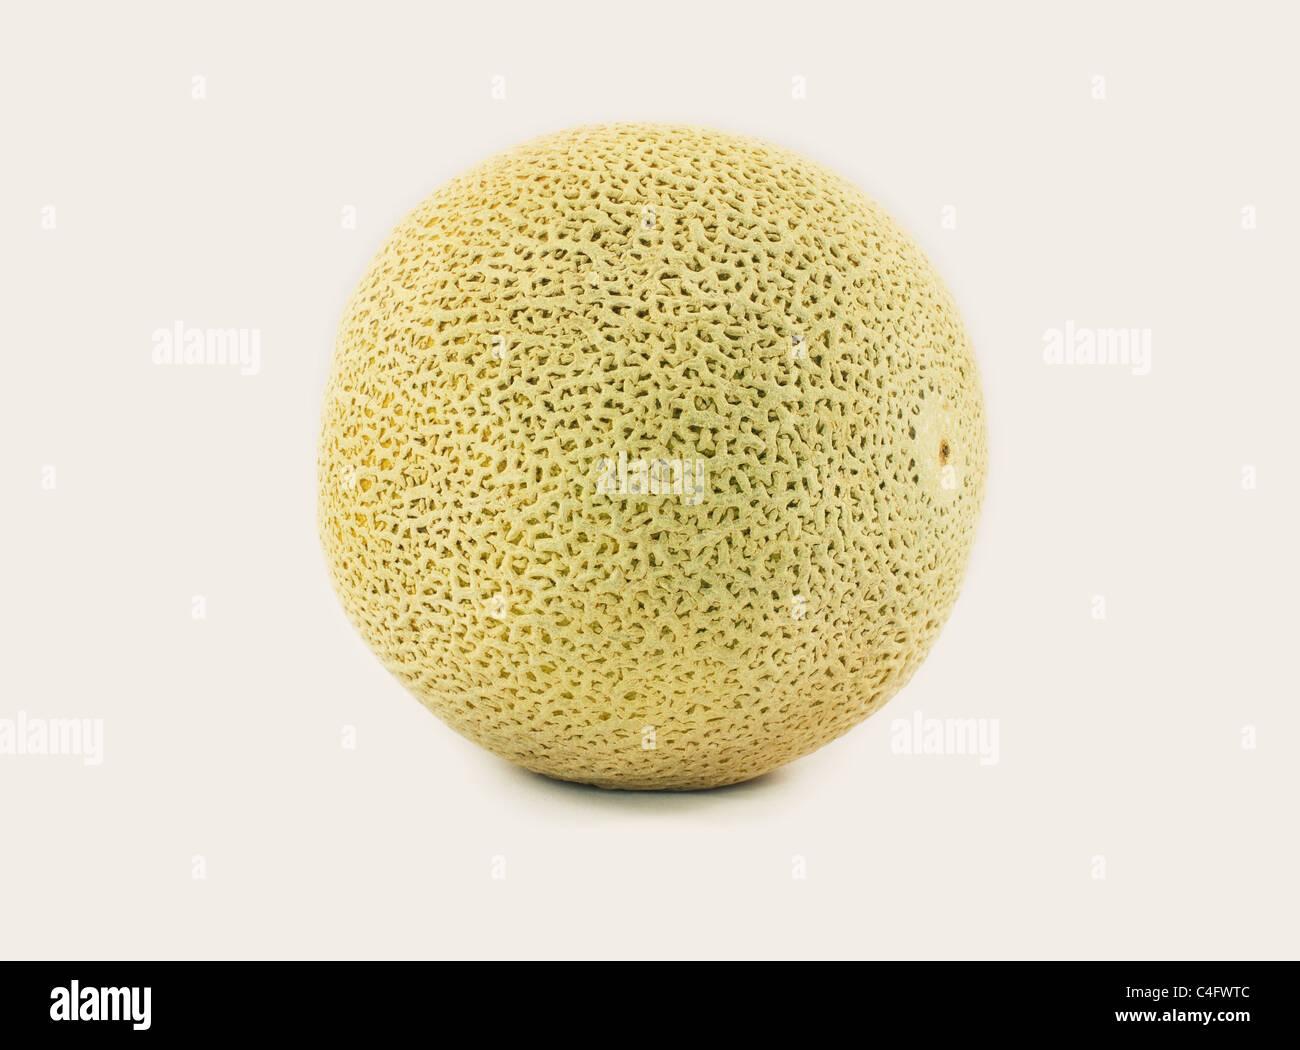 Singola impresa tutto mature con la buccia intonso melone. Immagini Stock